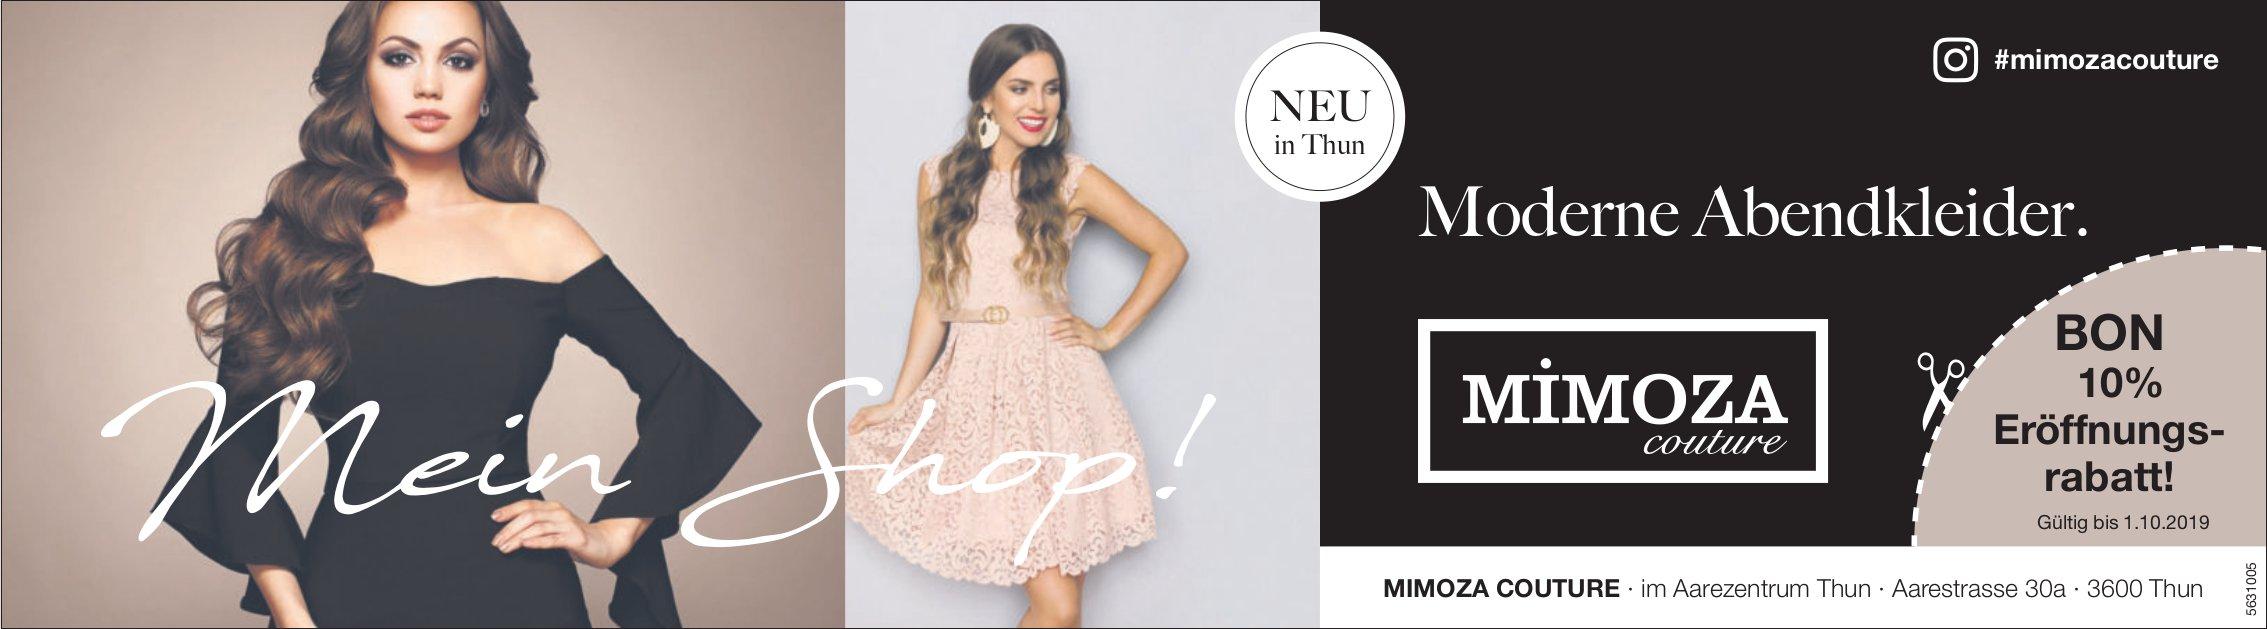 MIMOZA COUTURE, Aarezentrum Thun - Moderne Abendkleider